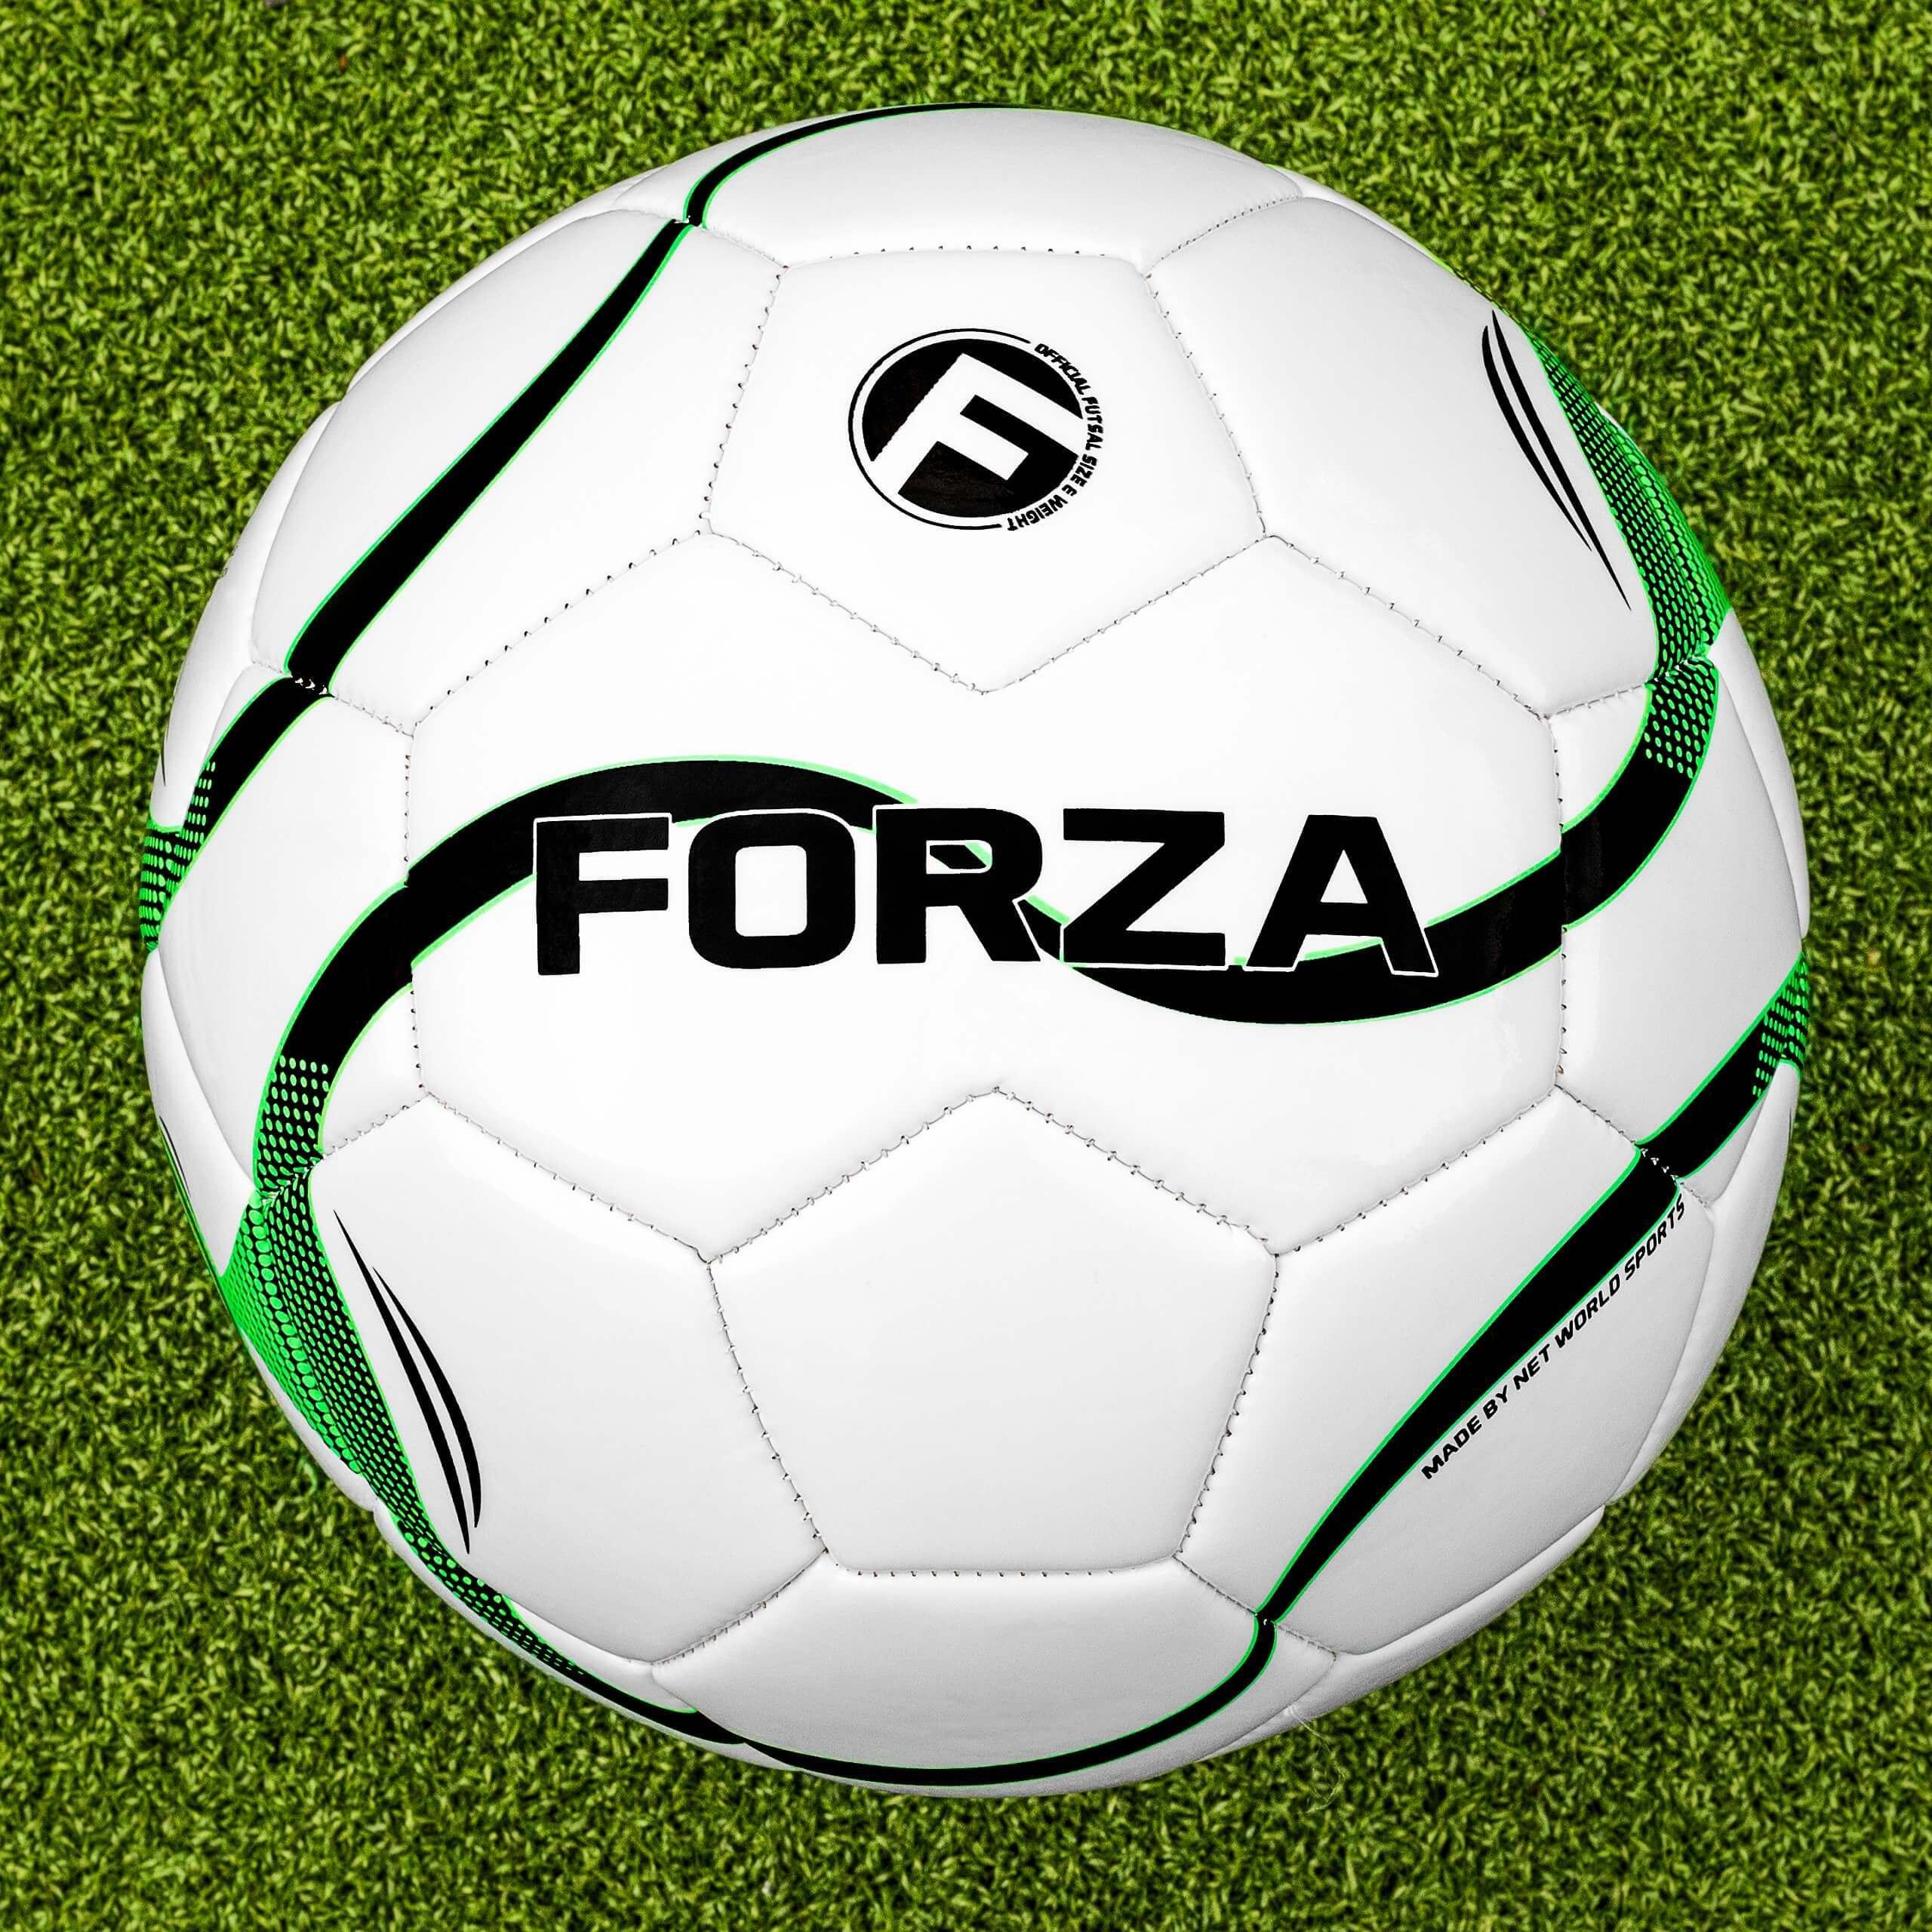 FORZA Futsal Football Ball | Size 3 Futsal Footballs | Size 4 Futsal Footballs | Net World Sports